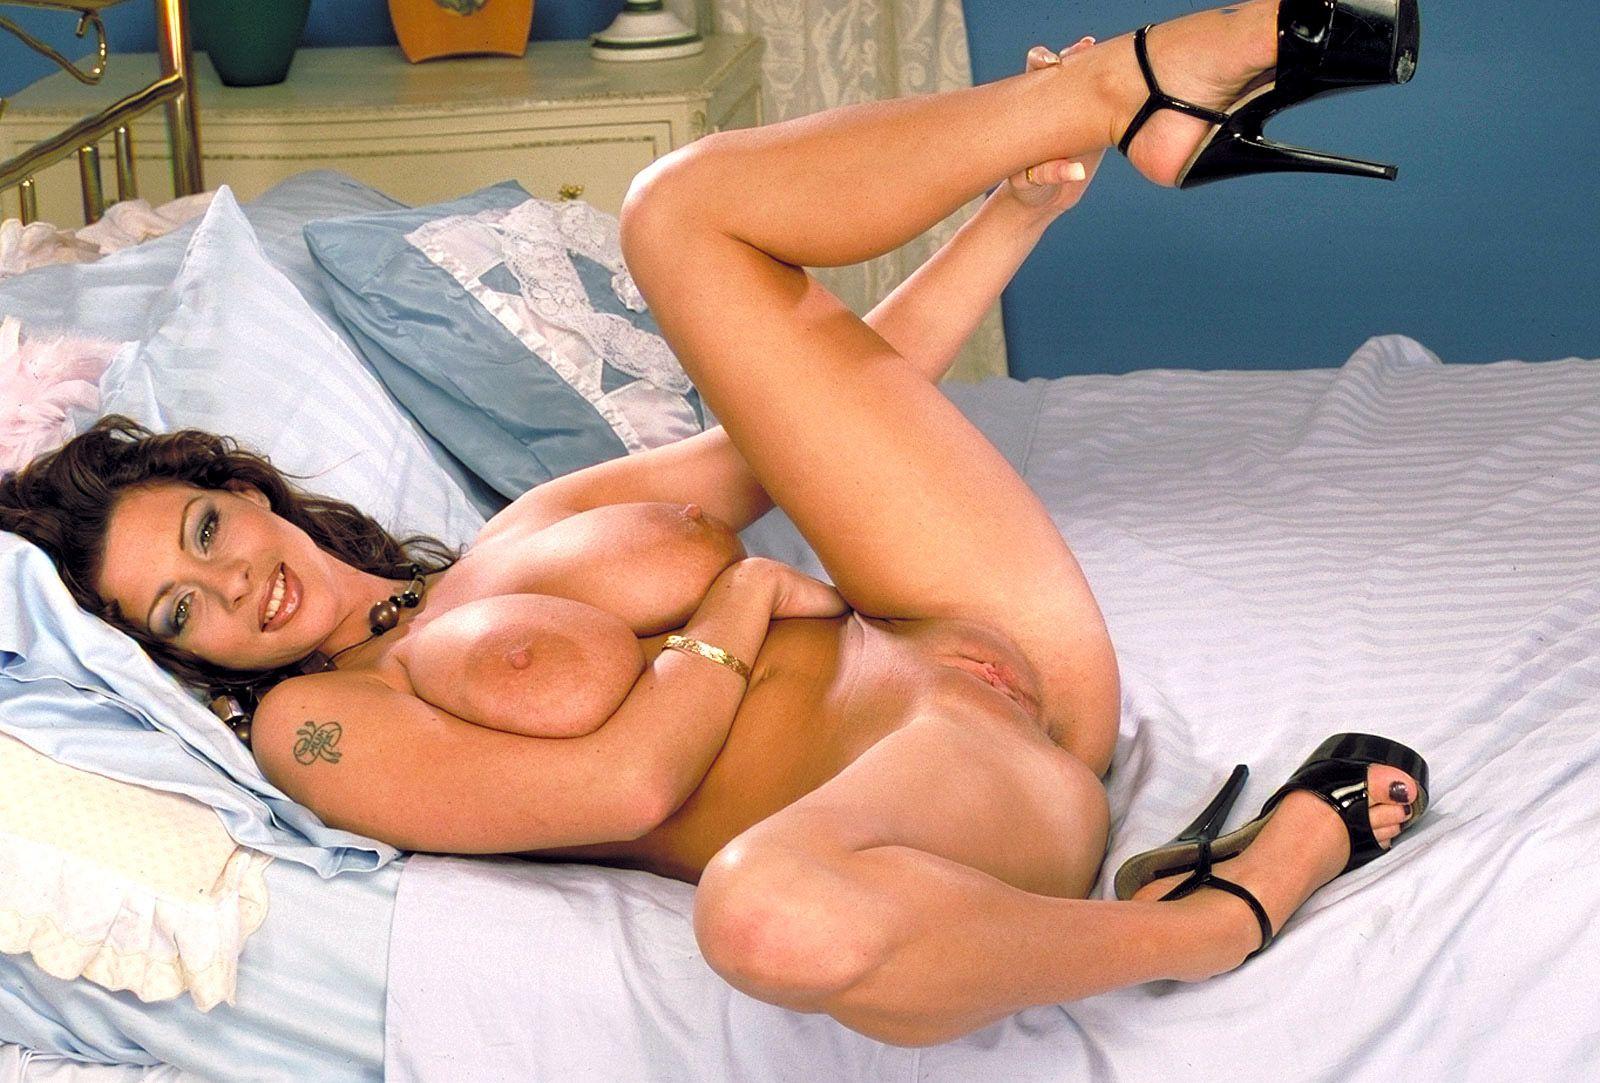 lisa ann porno actress